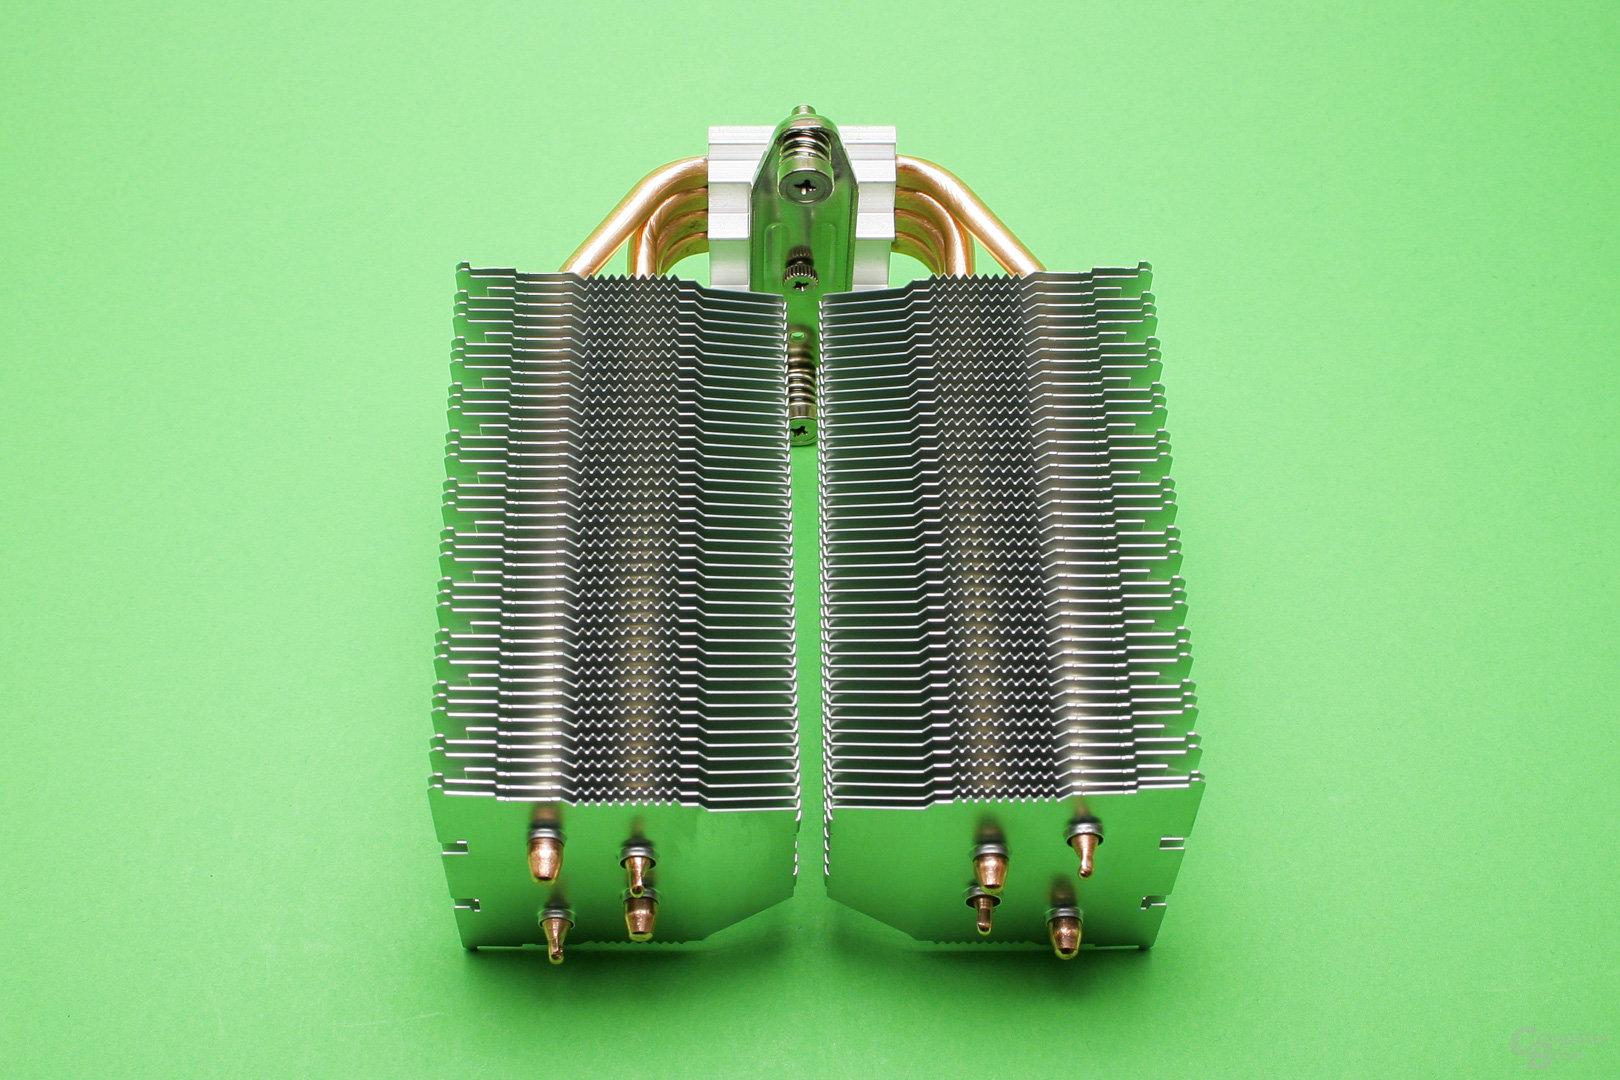 Der zweigeteilte Kühlturm orientiert sich am Design des Brocken 2